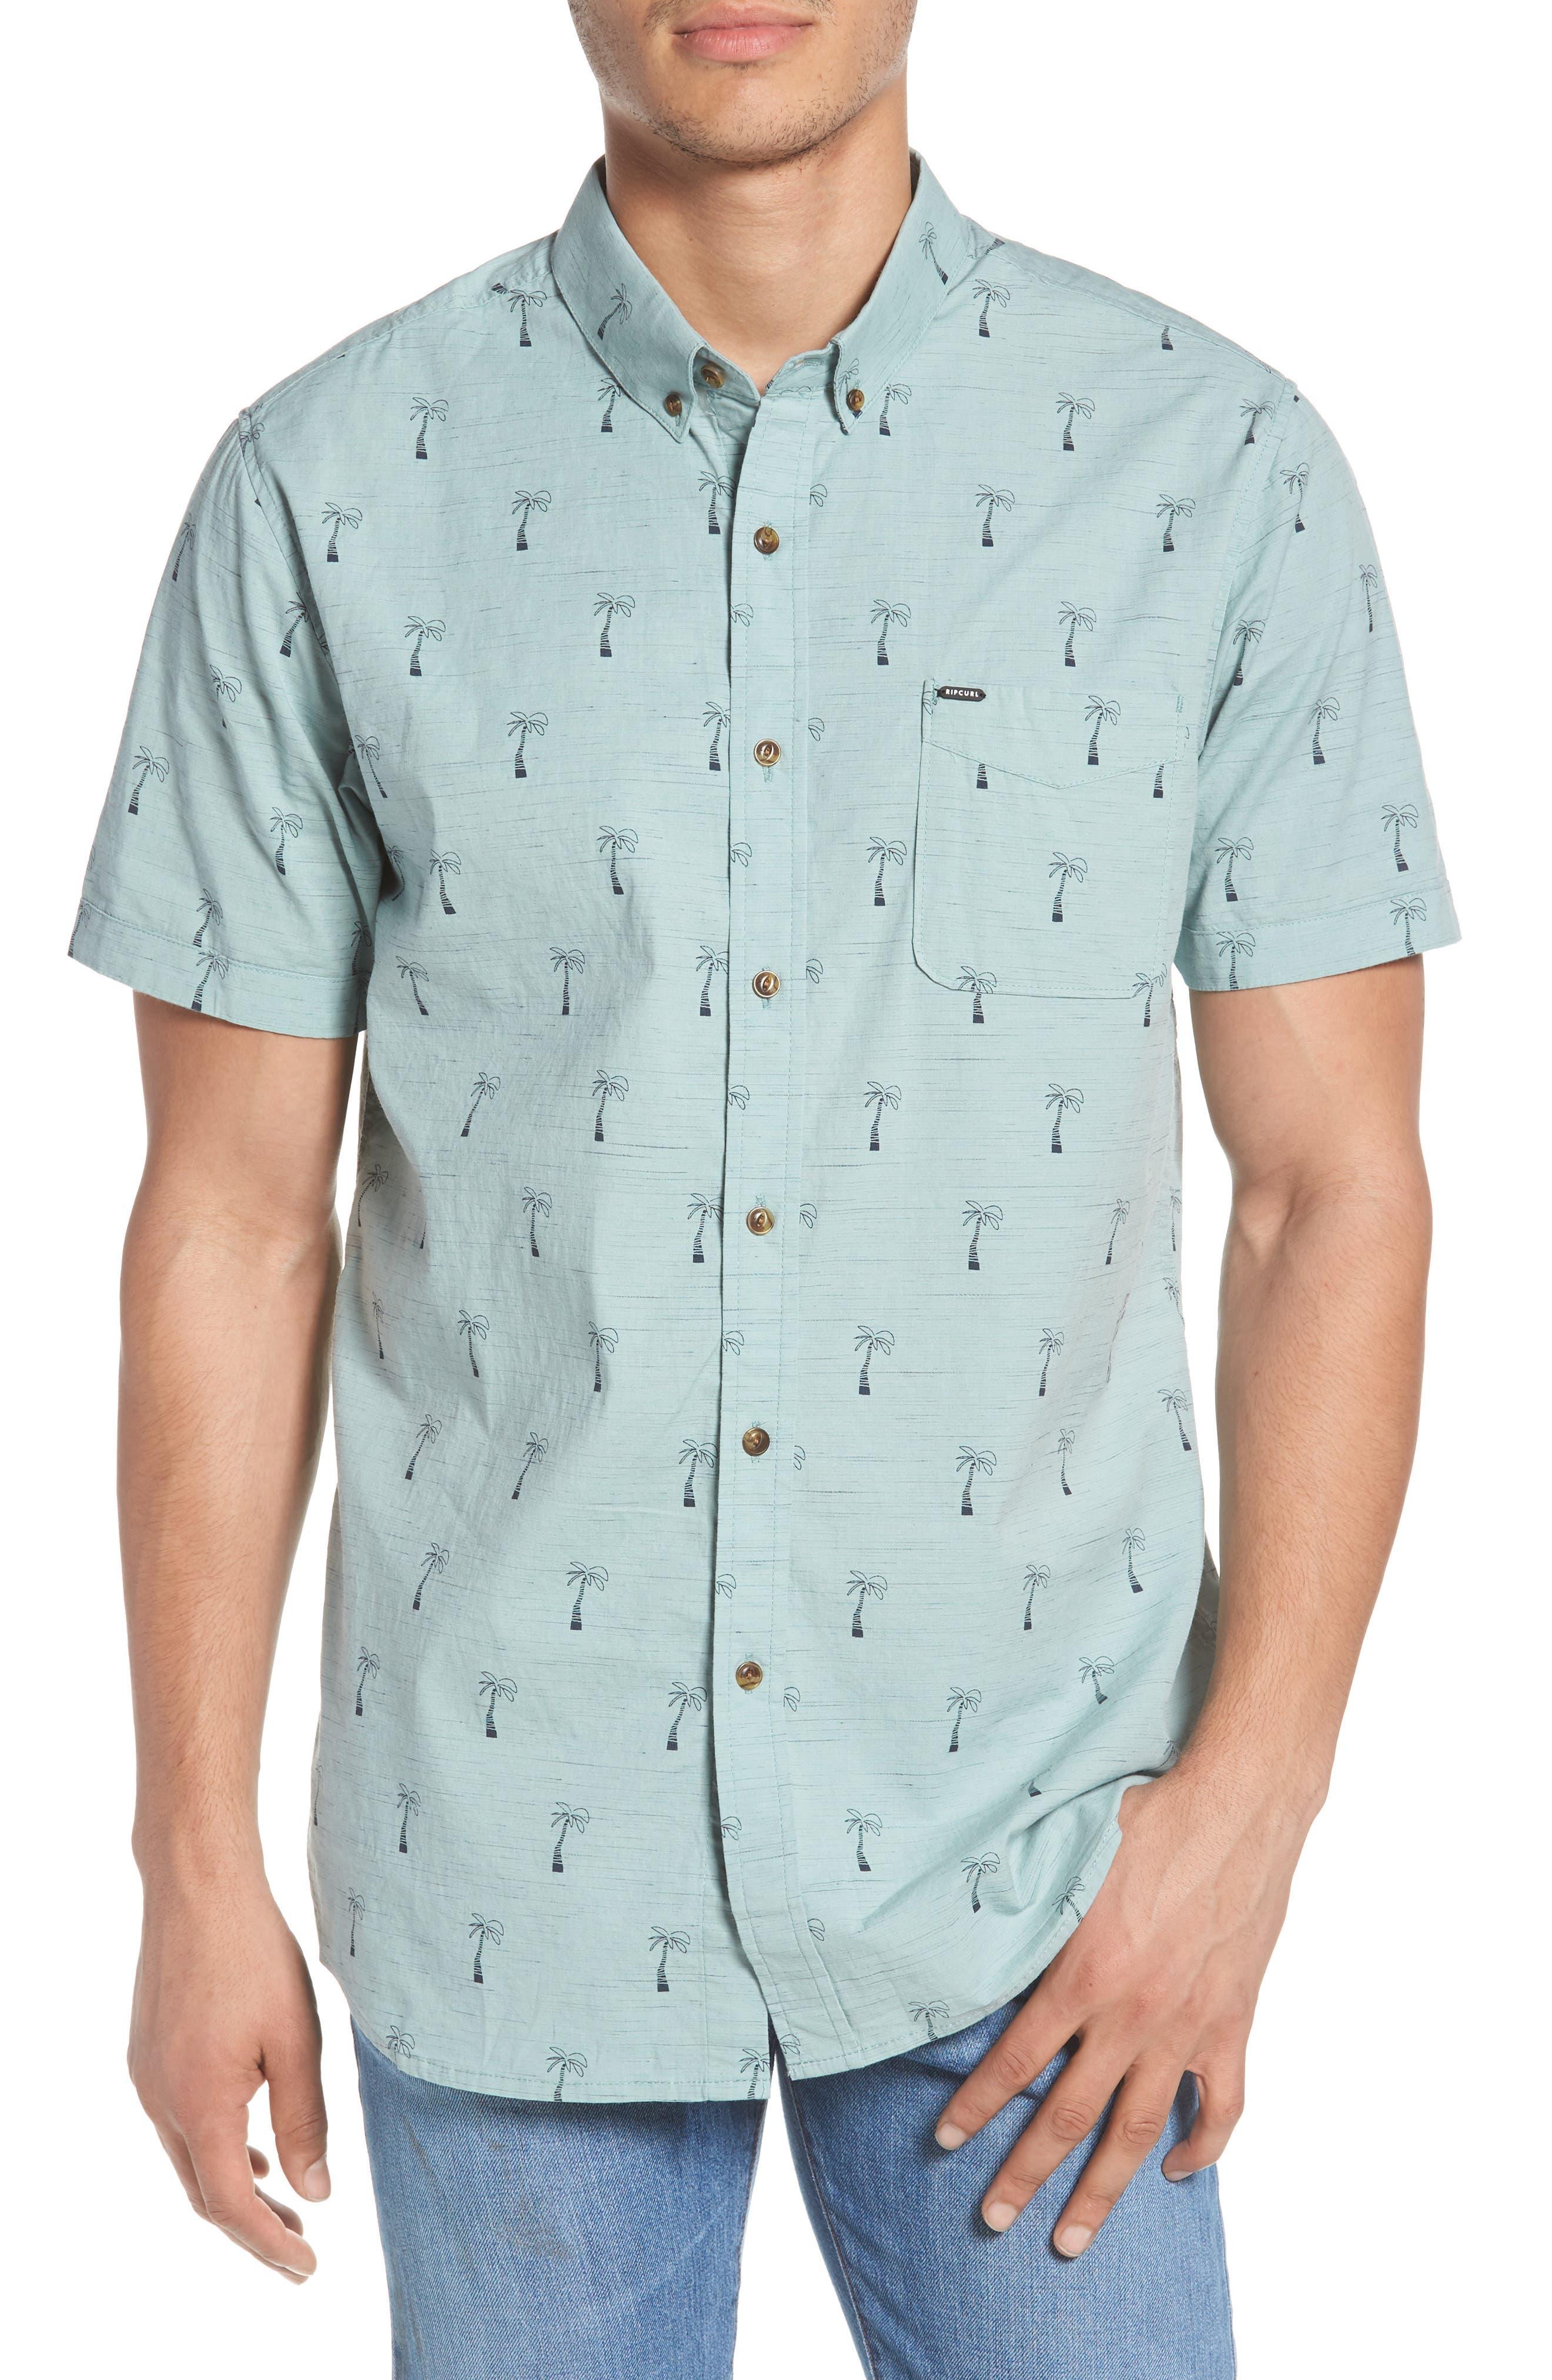 Riviera Woven Shirt,                         Main,                         color, Aqua